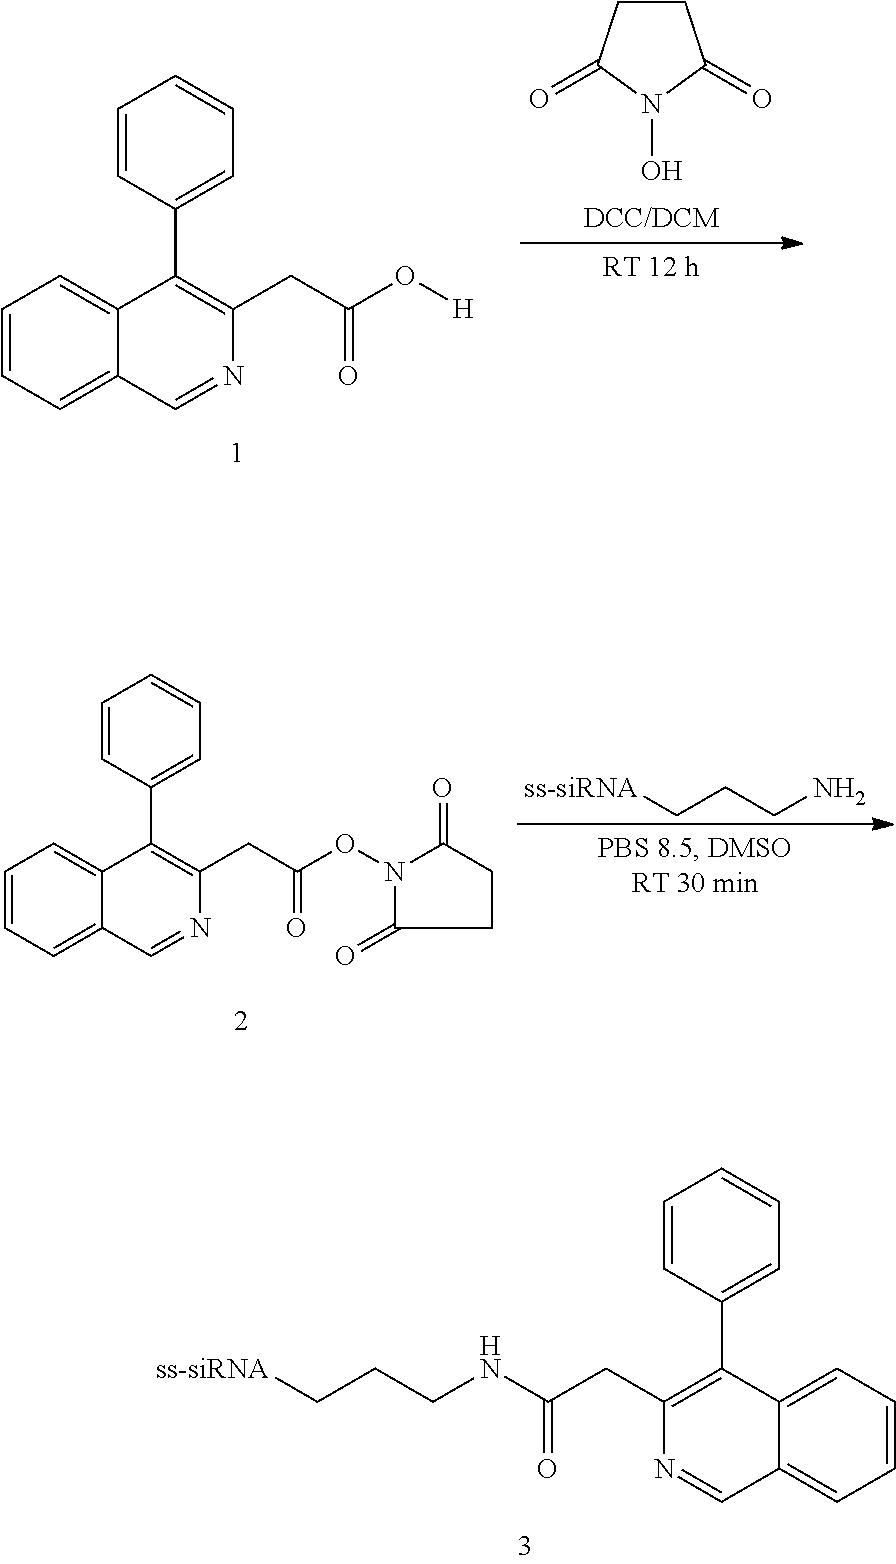 Figure US09988627-20180605-C00375